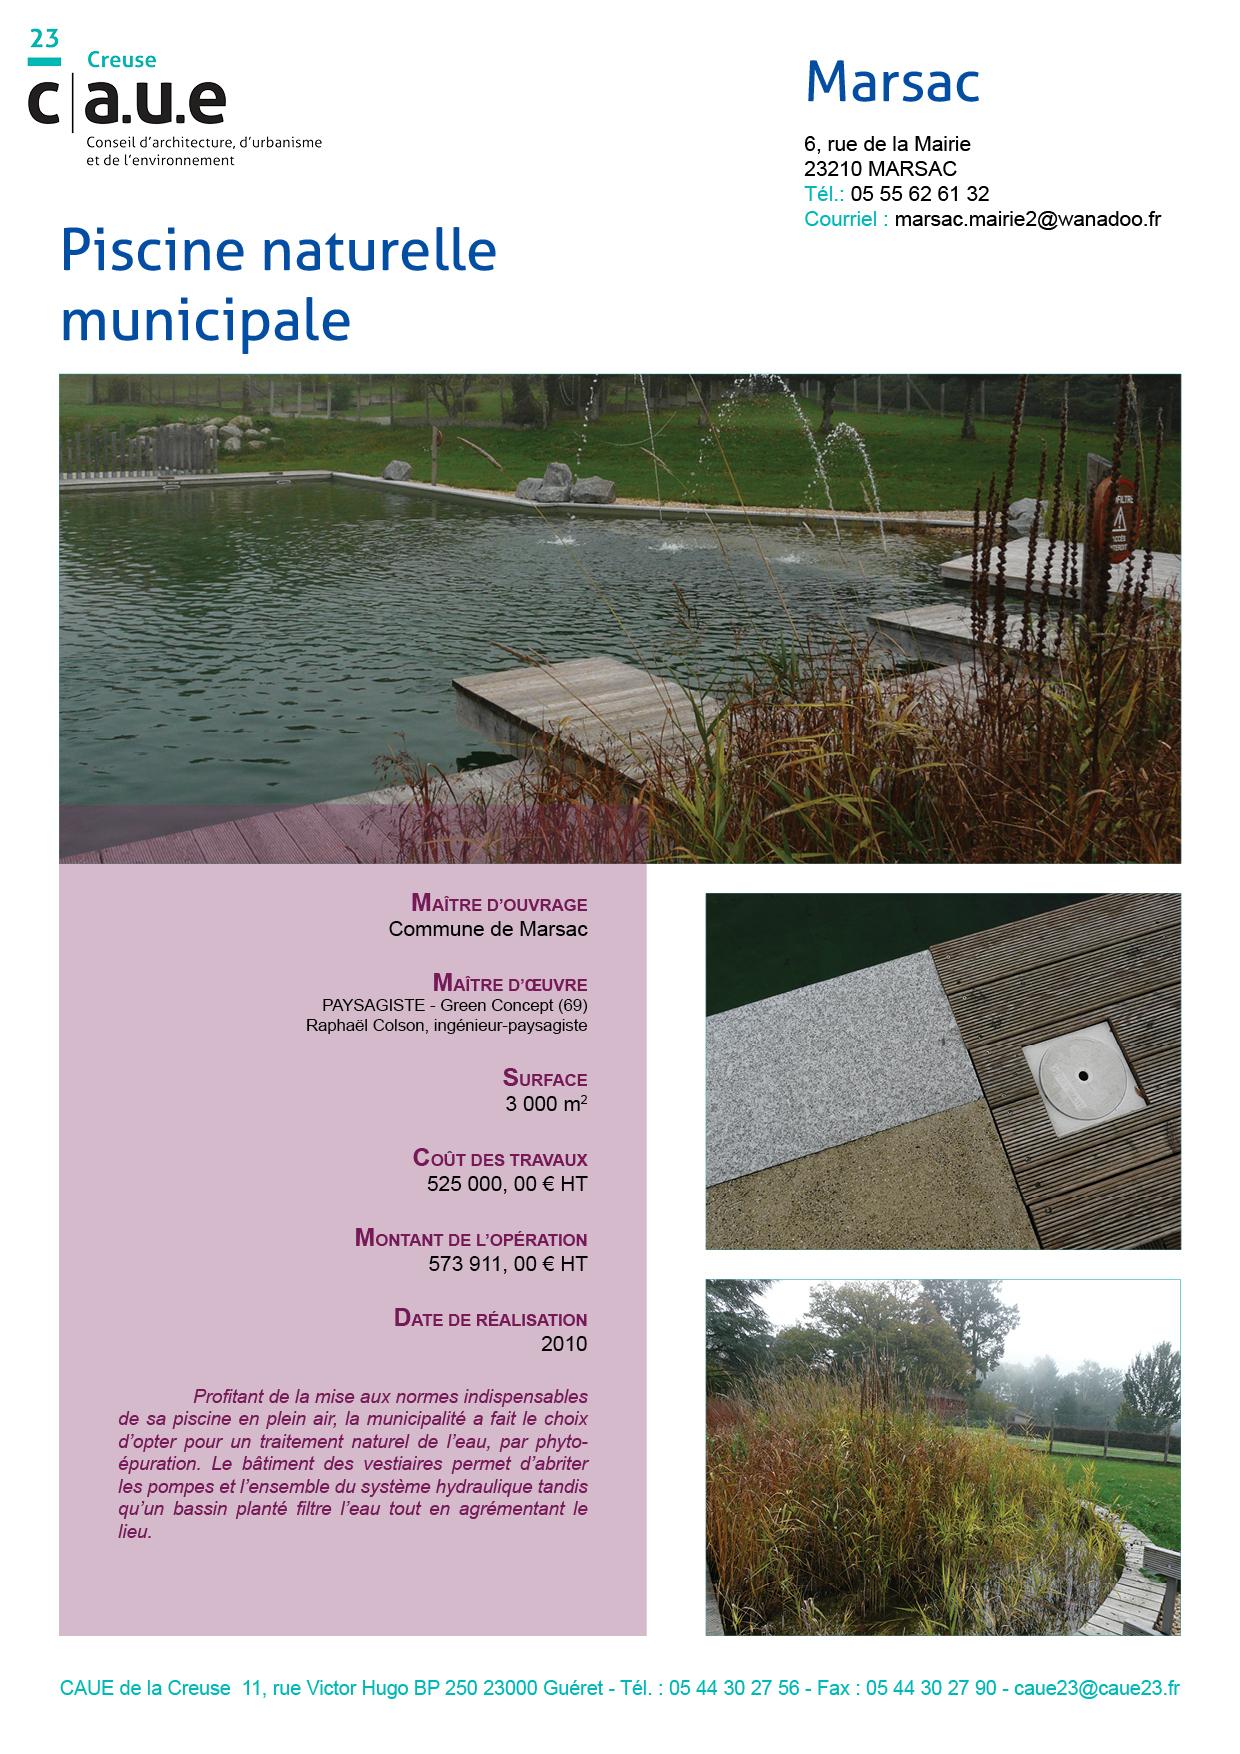 Piscine Naturelle Municipale De Marsac – Caue 23 destiné Piscine De Gueret